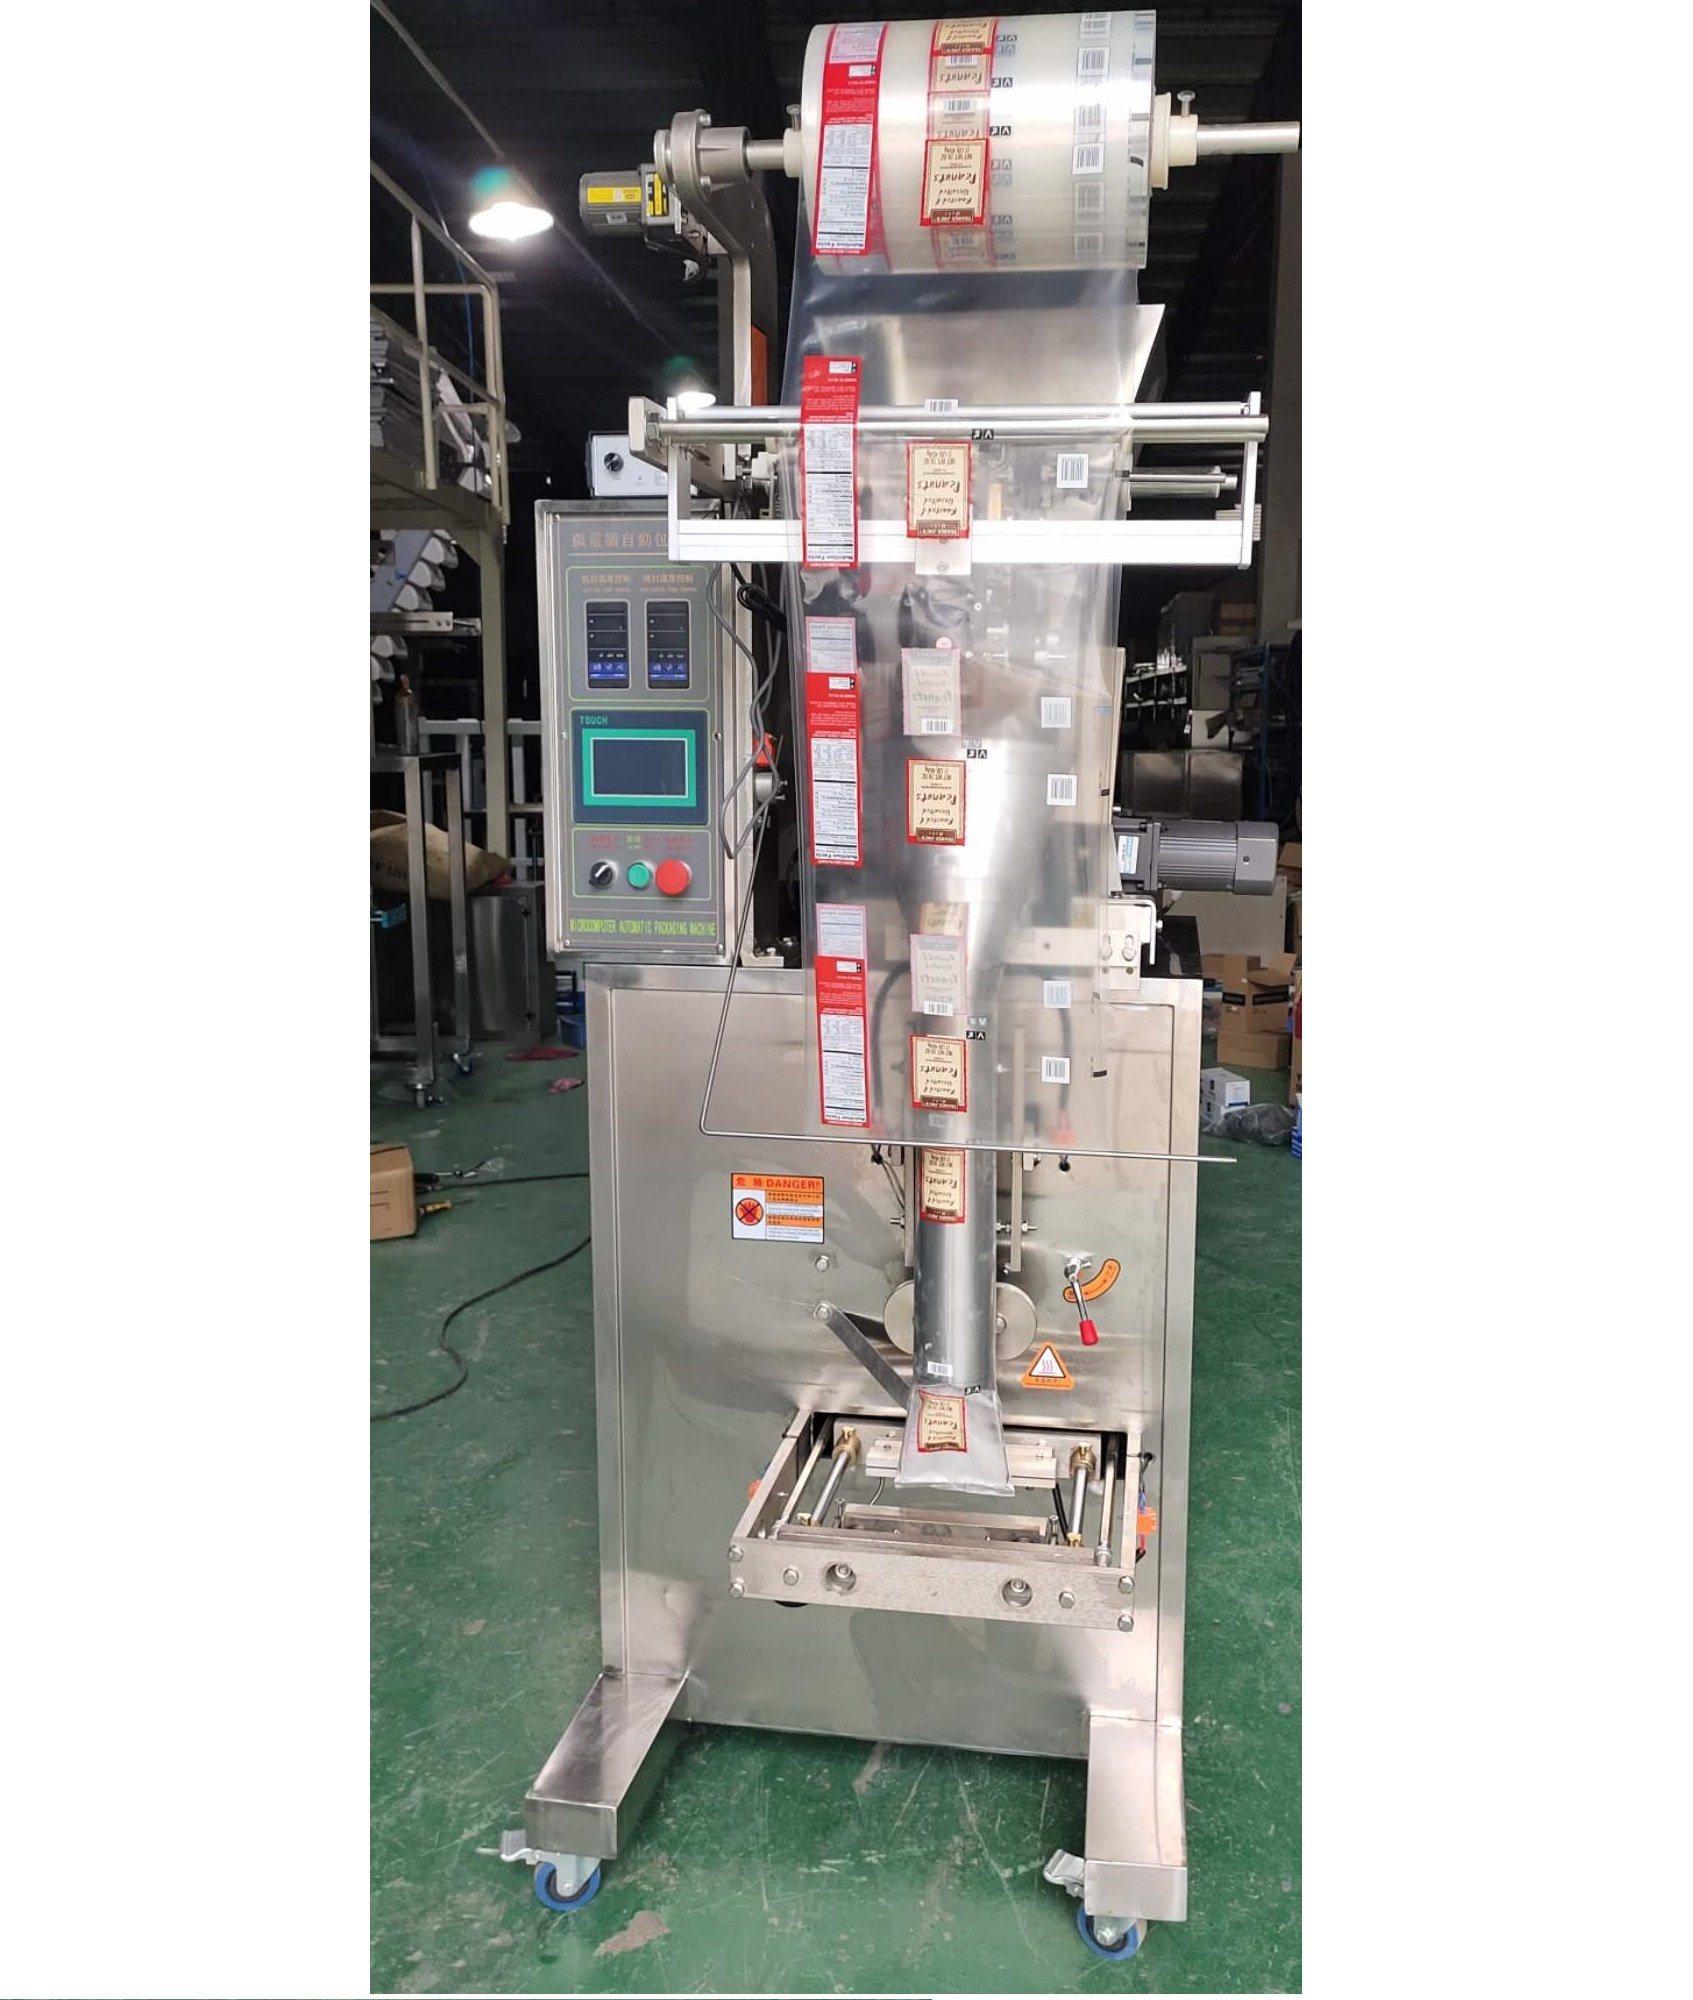 Automatische Wasser-/Milch-/Saft-/Shampoo-/Honig-/Tomatensauce-/Senföl / Butter Flüssigplastik Beutel Kleine Vertikale Verpackung Verpackungsmaschine Preis